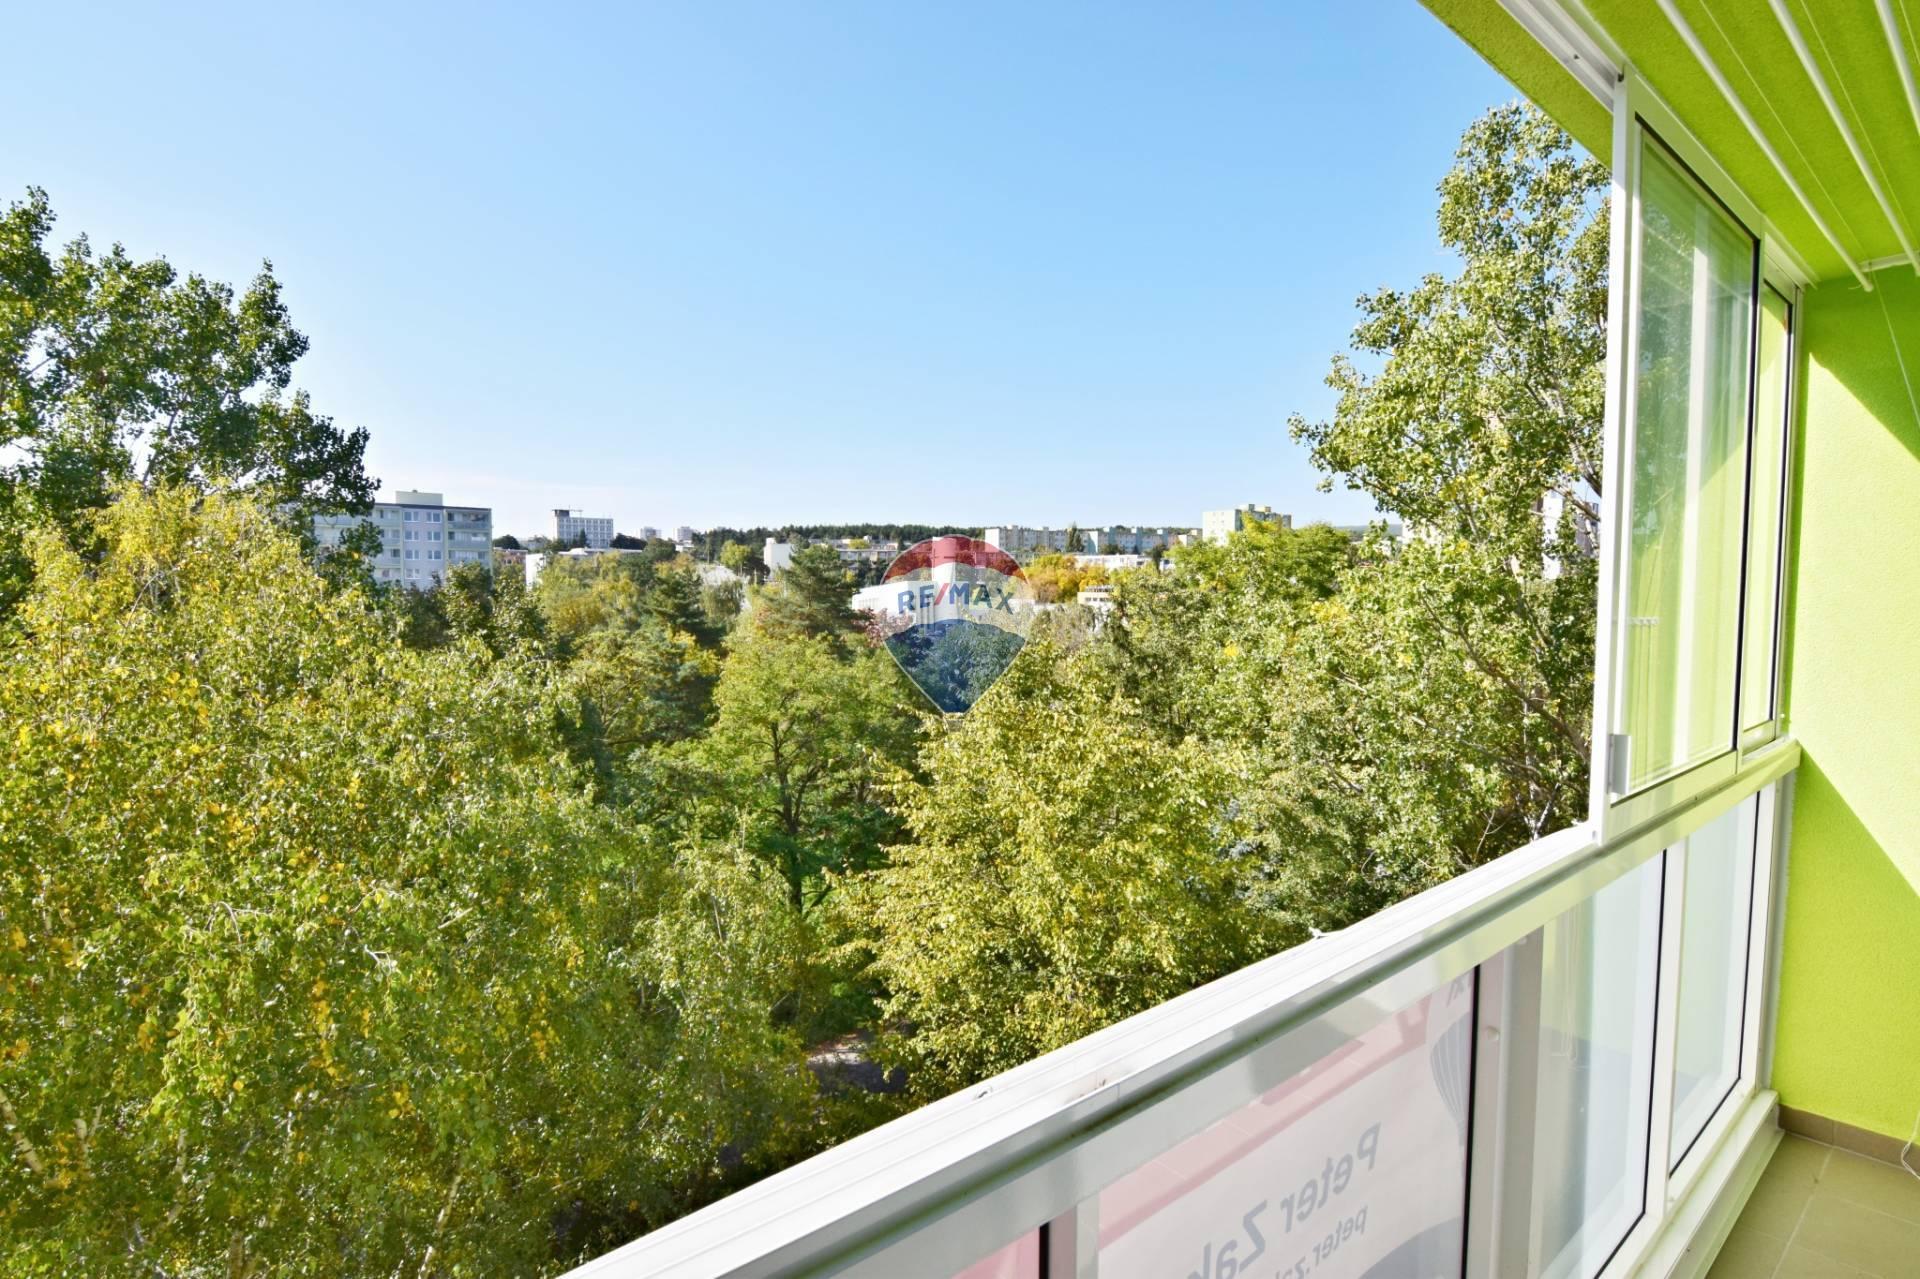 Predaj bytu (3 izbový) 55 m2, Košice - Západ - 3 izbovy byt_na predaj_Kosice